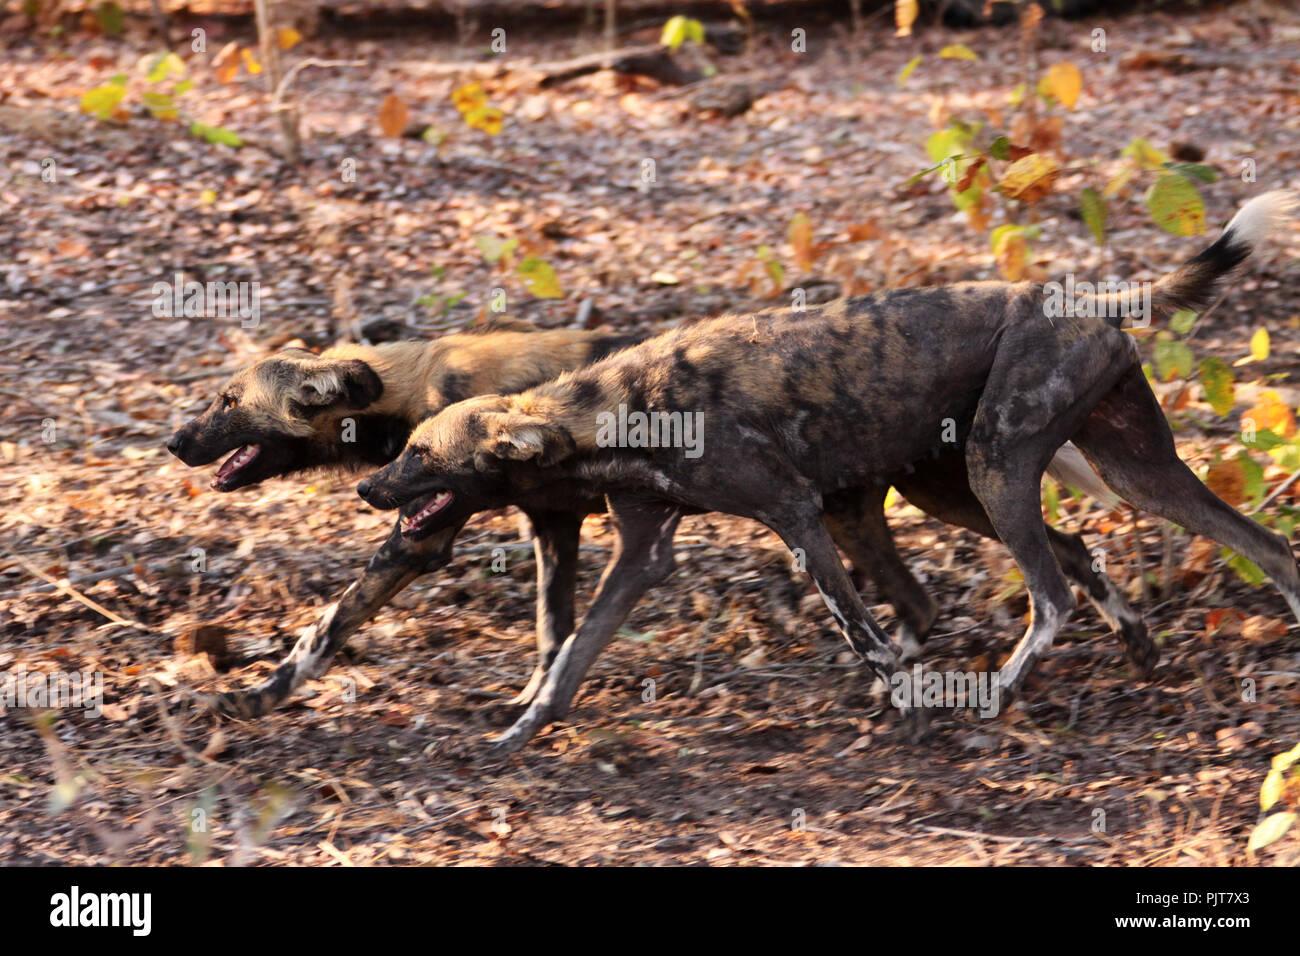 Die Alpha Männchen und Weibchen der Siwandu pack. Das Weibchen ist displayin der männlichen zu machen das Pack für eine Jagd, während Sie bleibt an der Höhle vorbereiten Stockbild